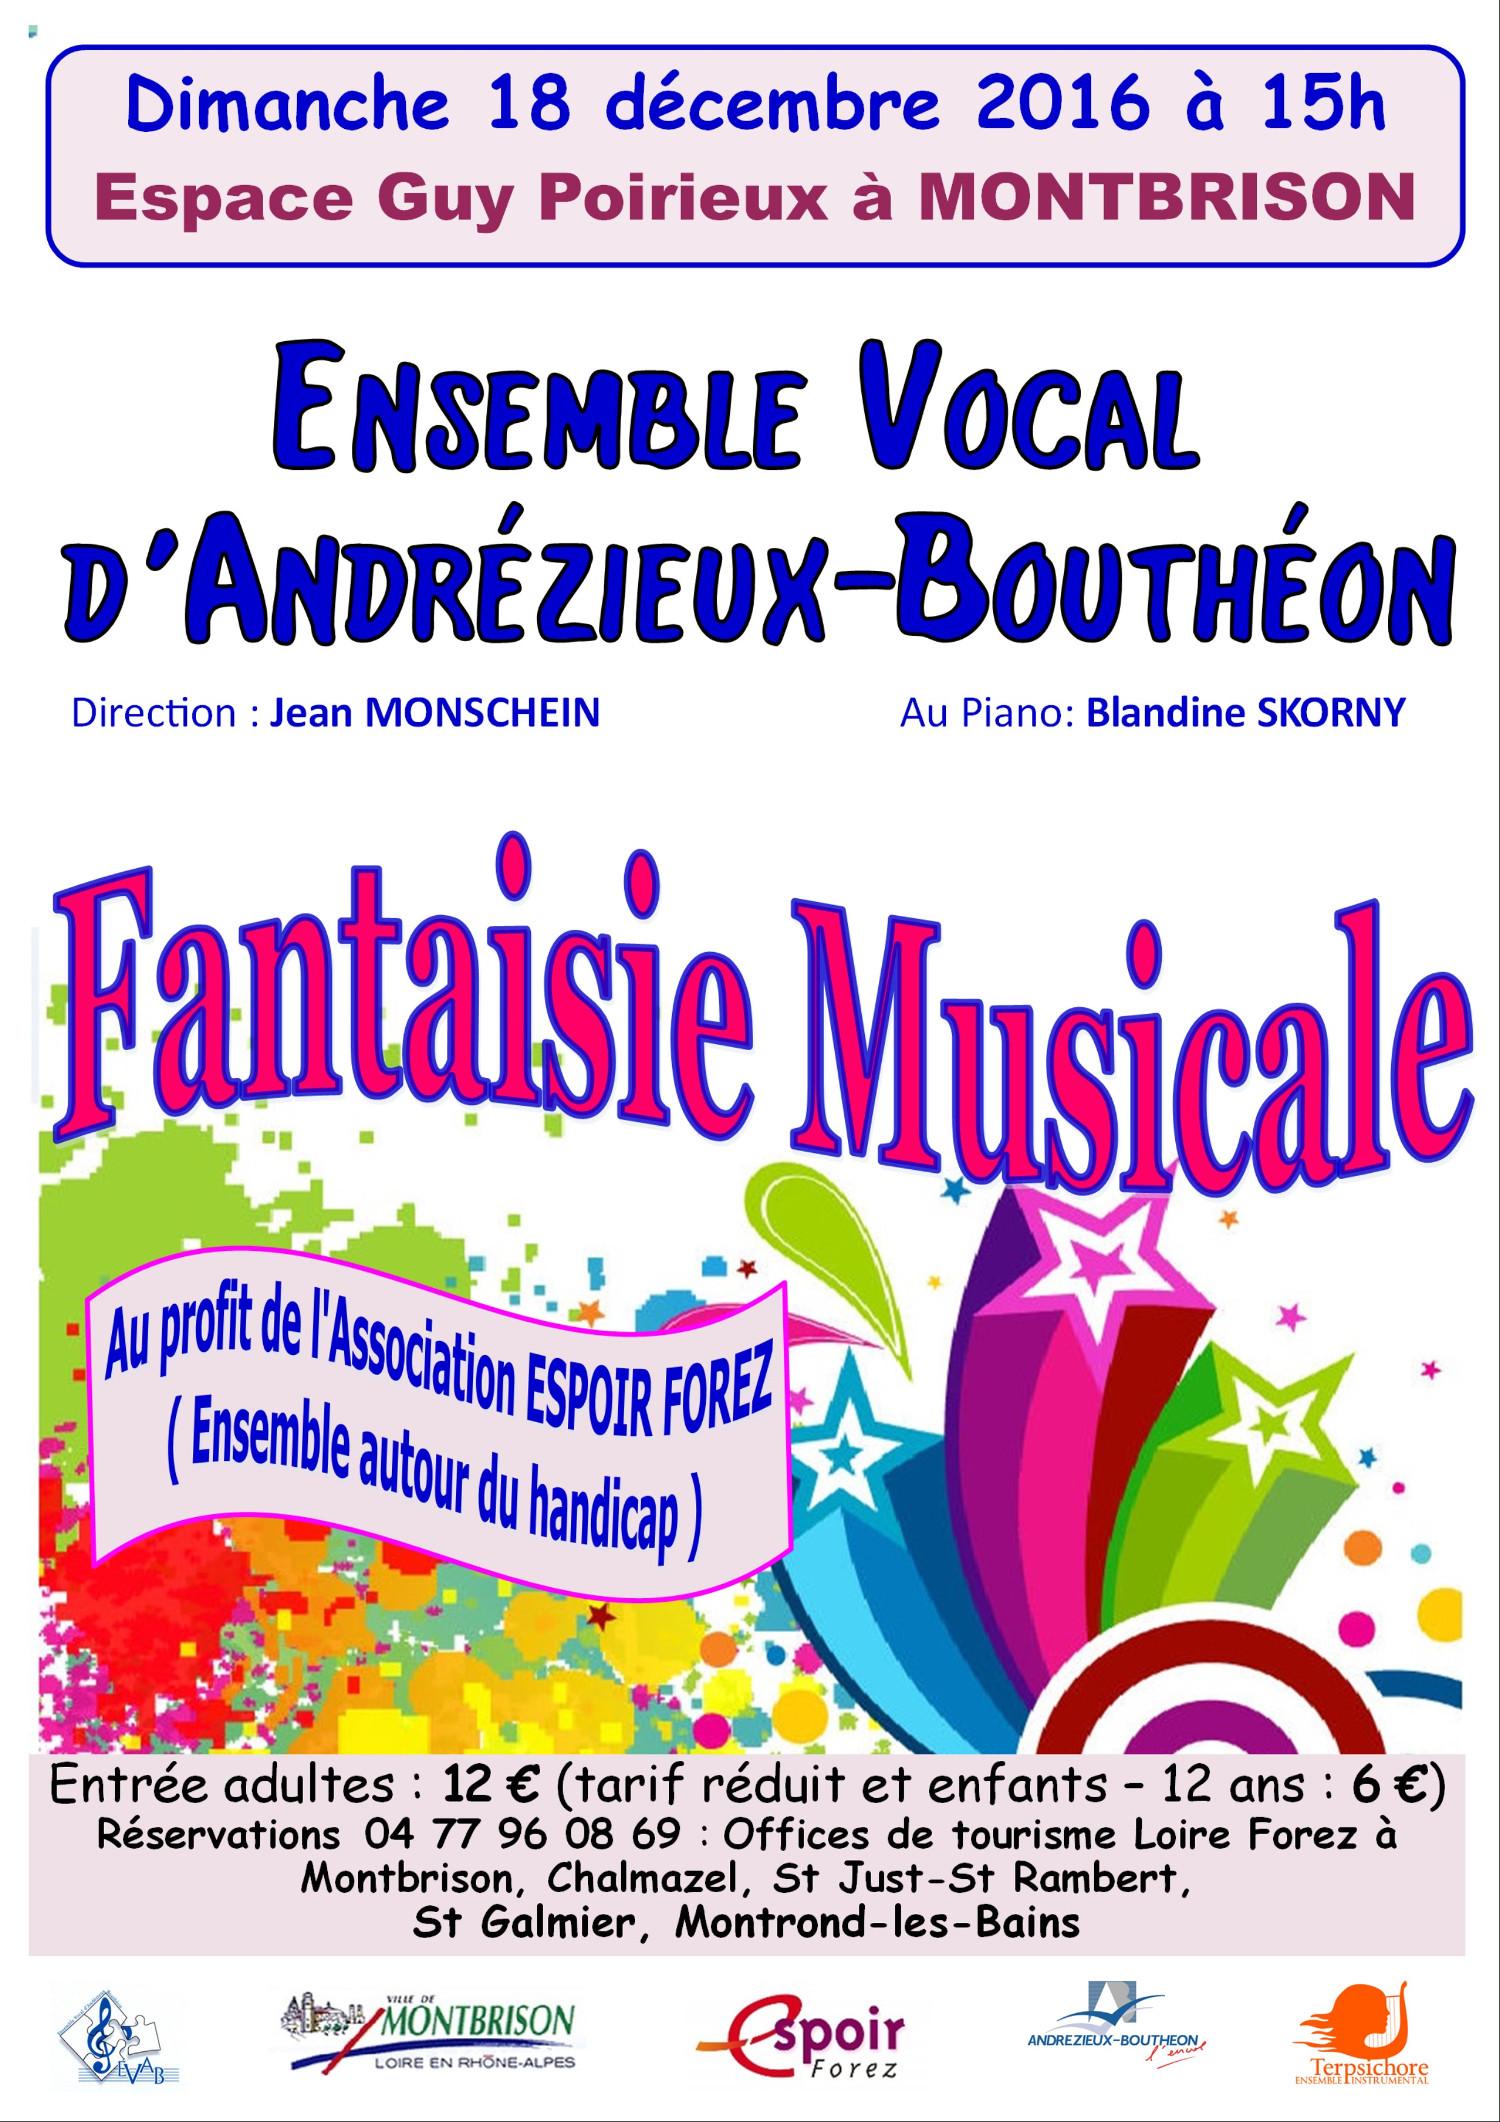 affiche-concert-montbrison-2016-12-18